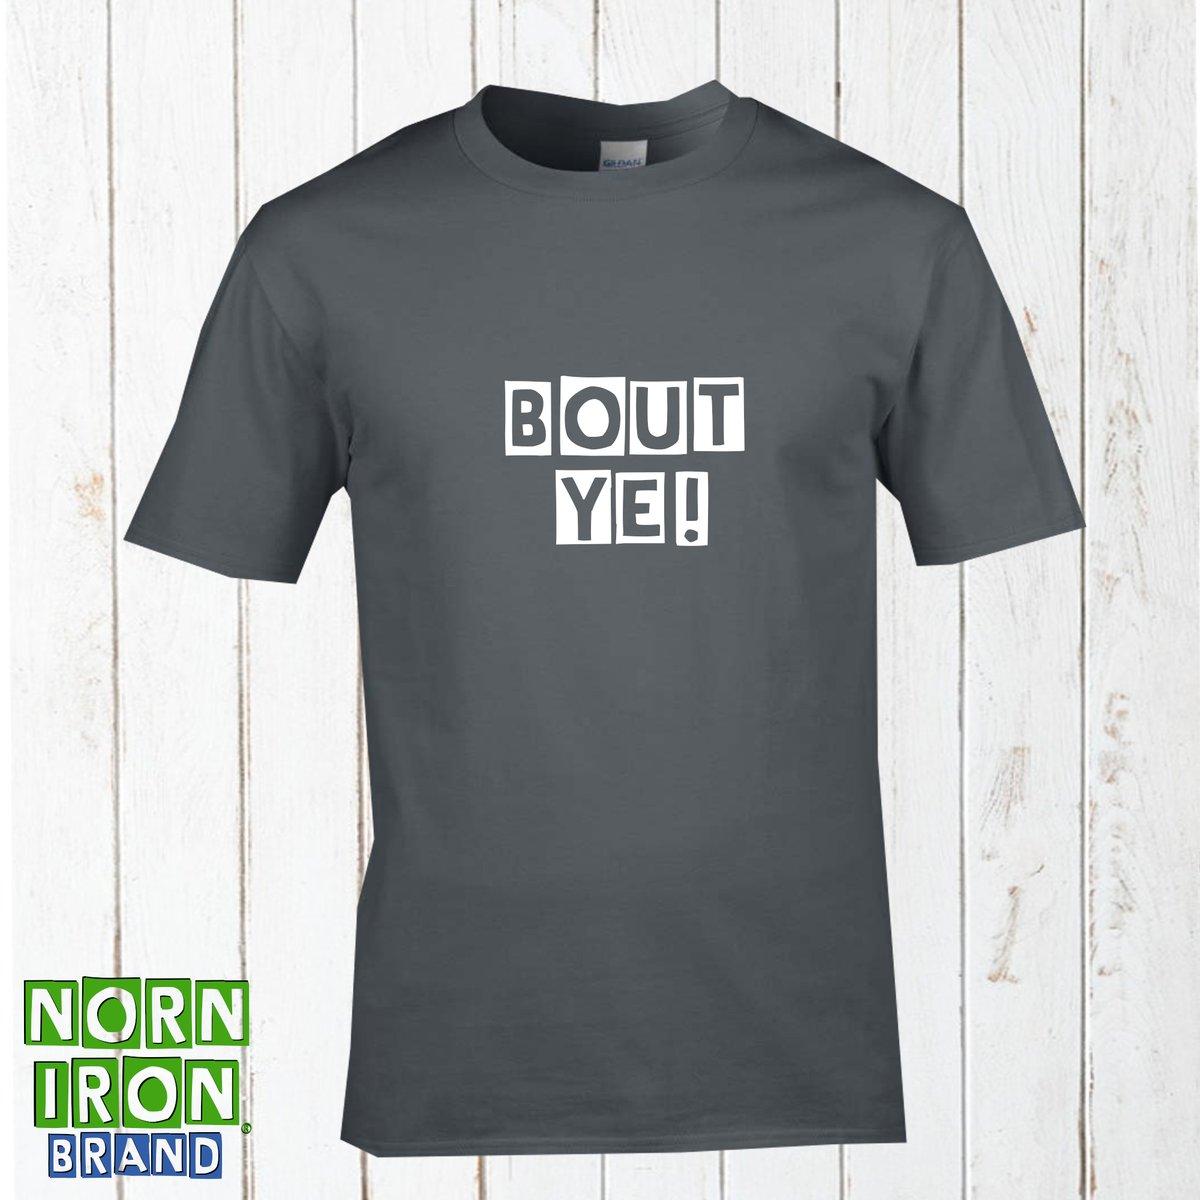 Bout Ye! T-Shirt